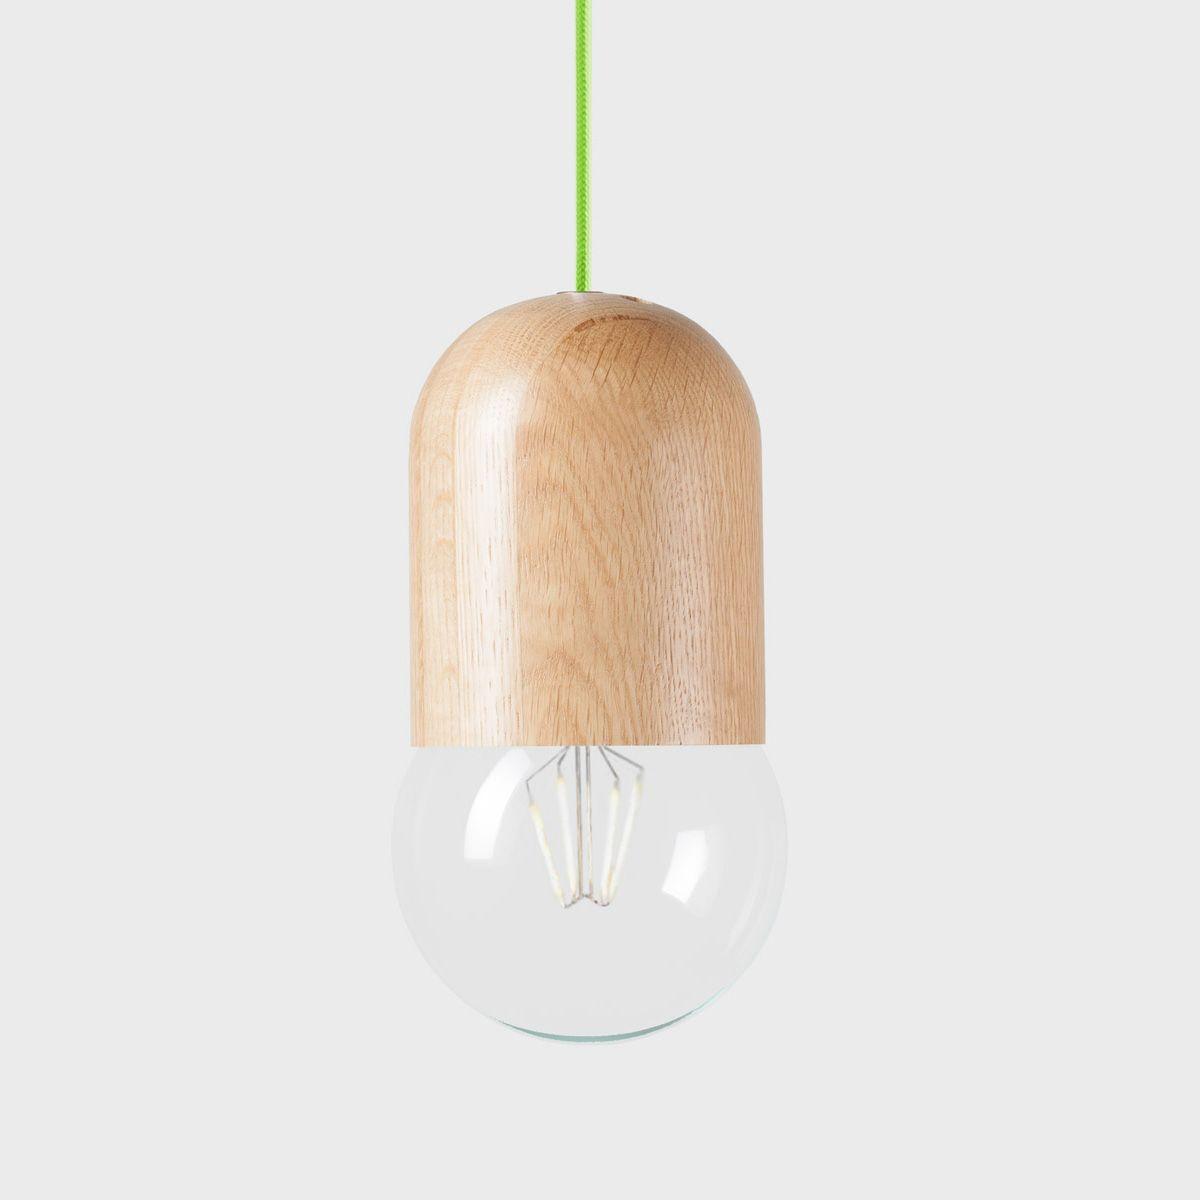 Подвесной светильник Light Bean Bubble со светло-зелёным проводомПодвесные светильники<br><br>